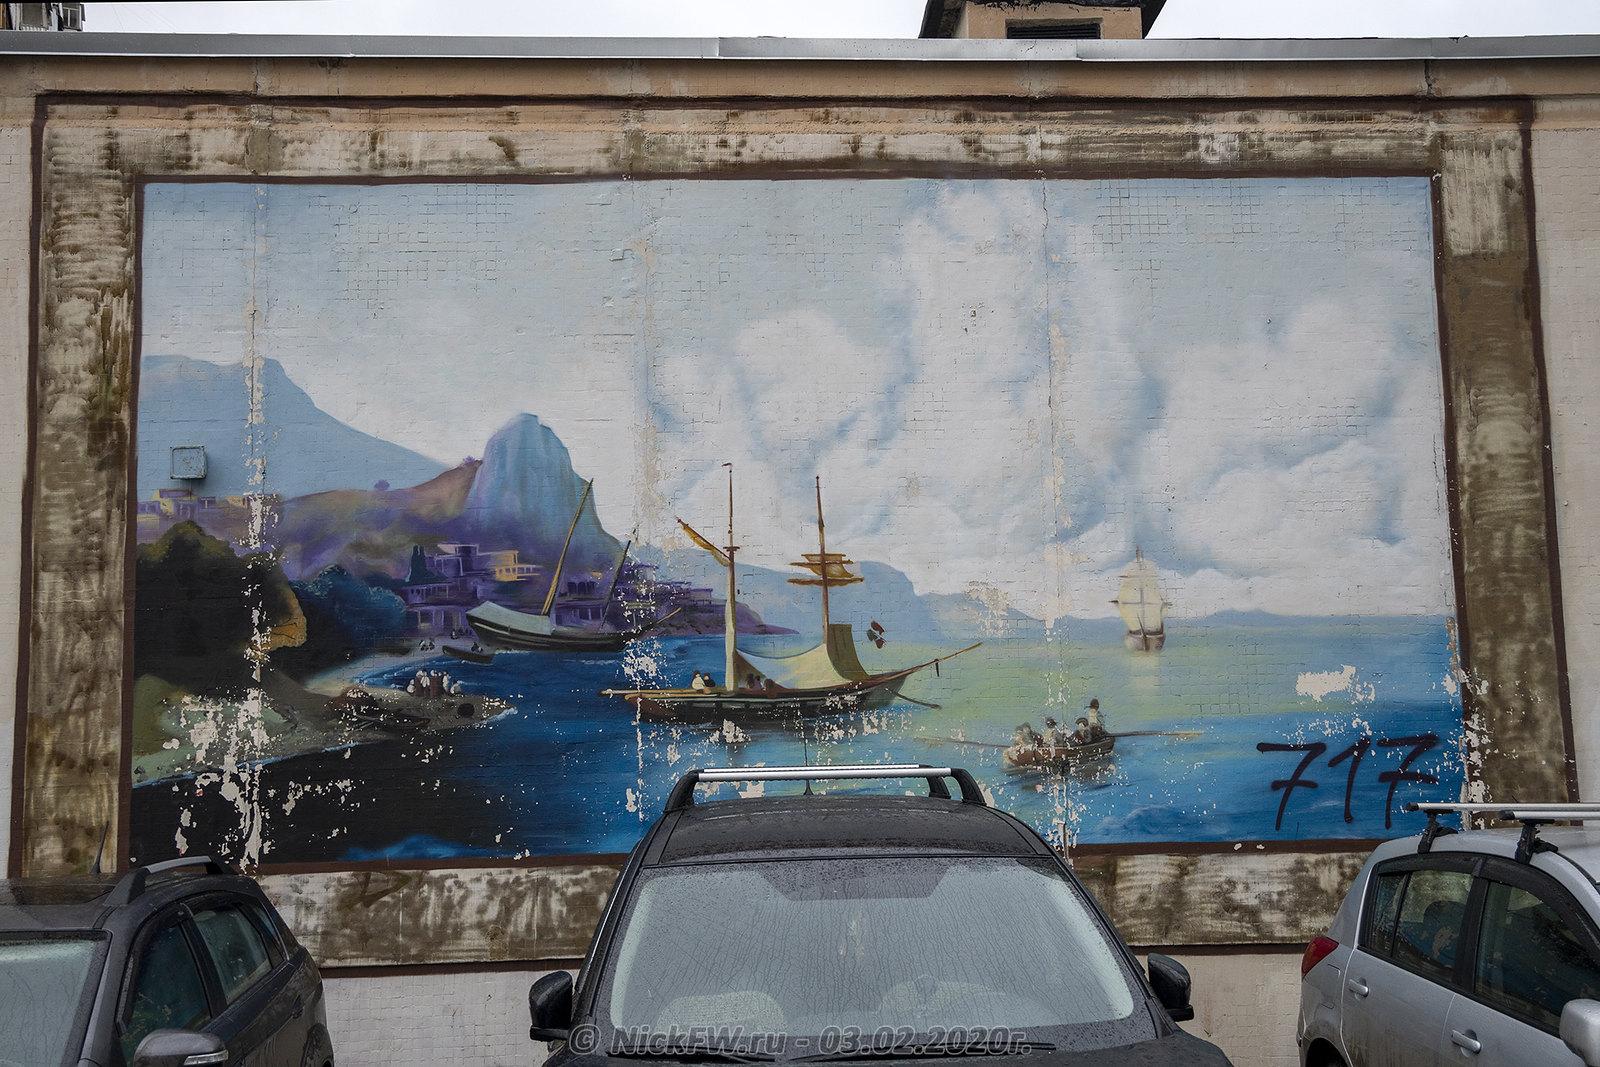 1. Оформление стены ЦТП близ выставочного зала © NickFW.ru - 03.02.2020г.